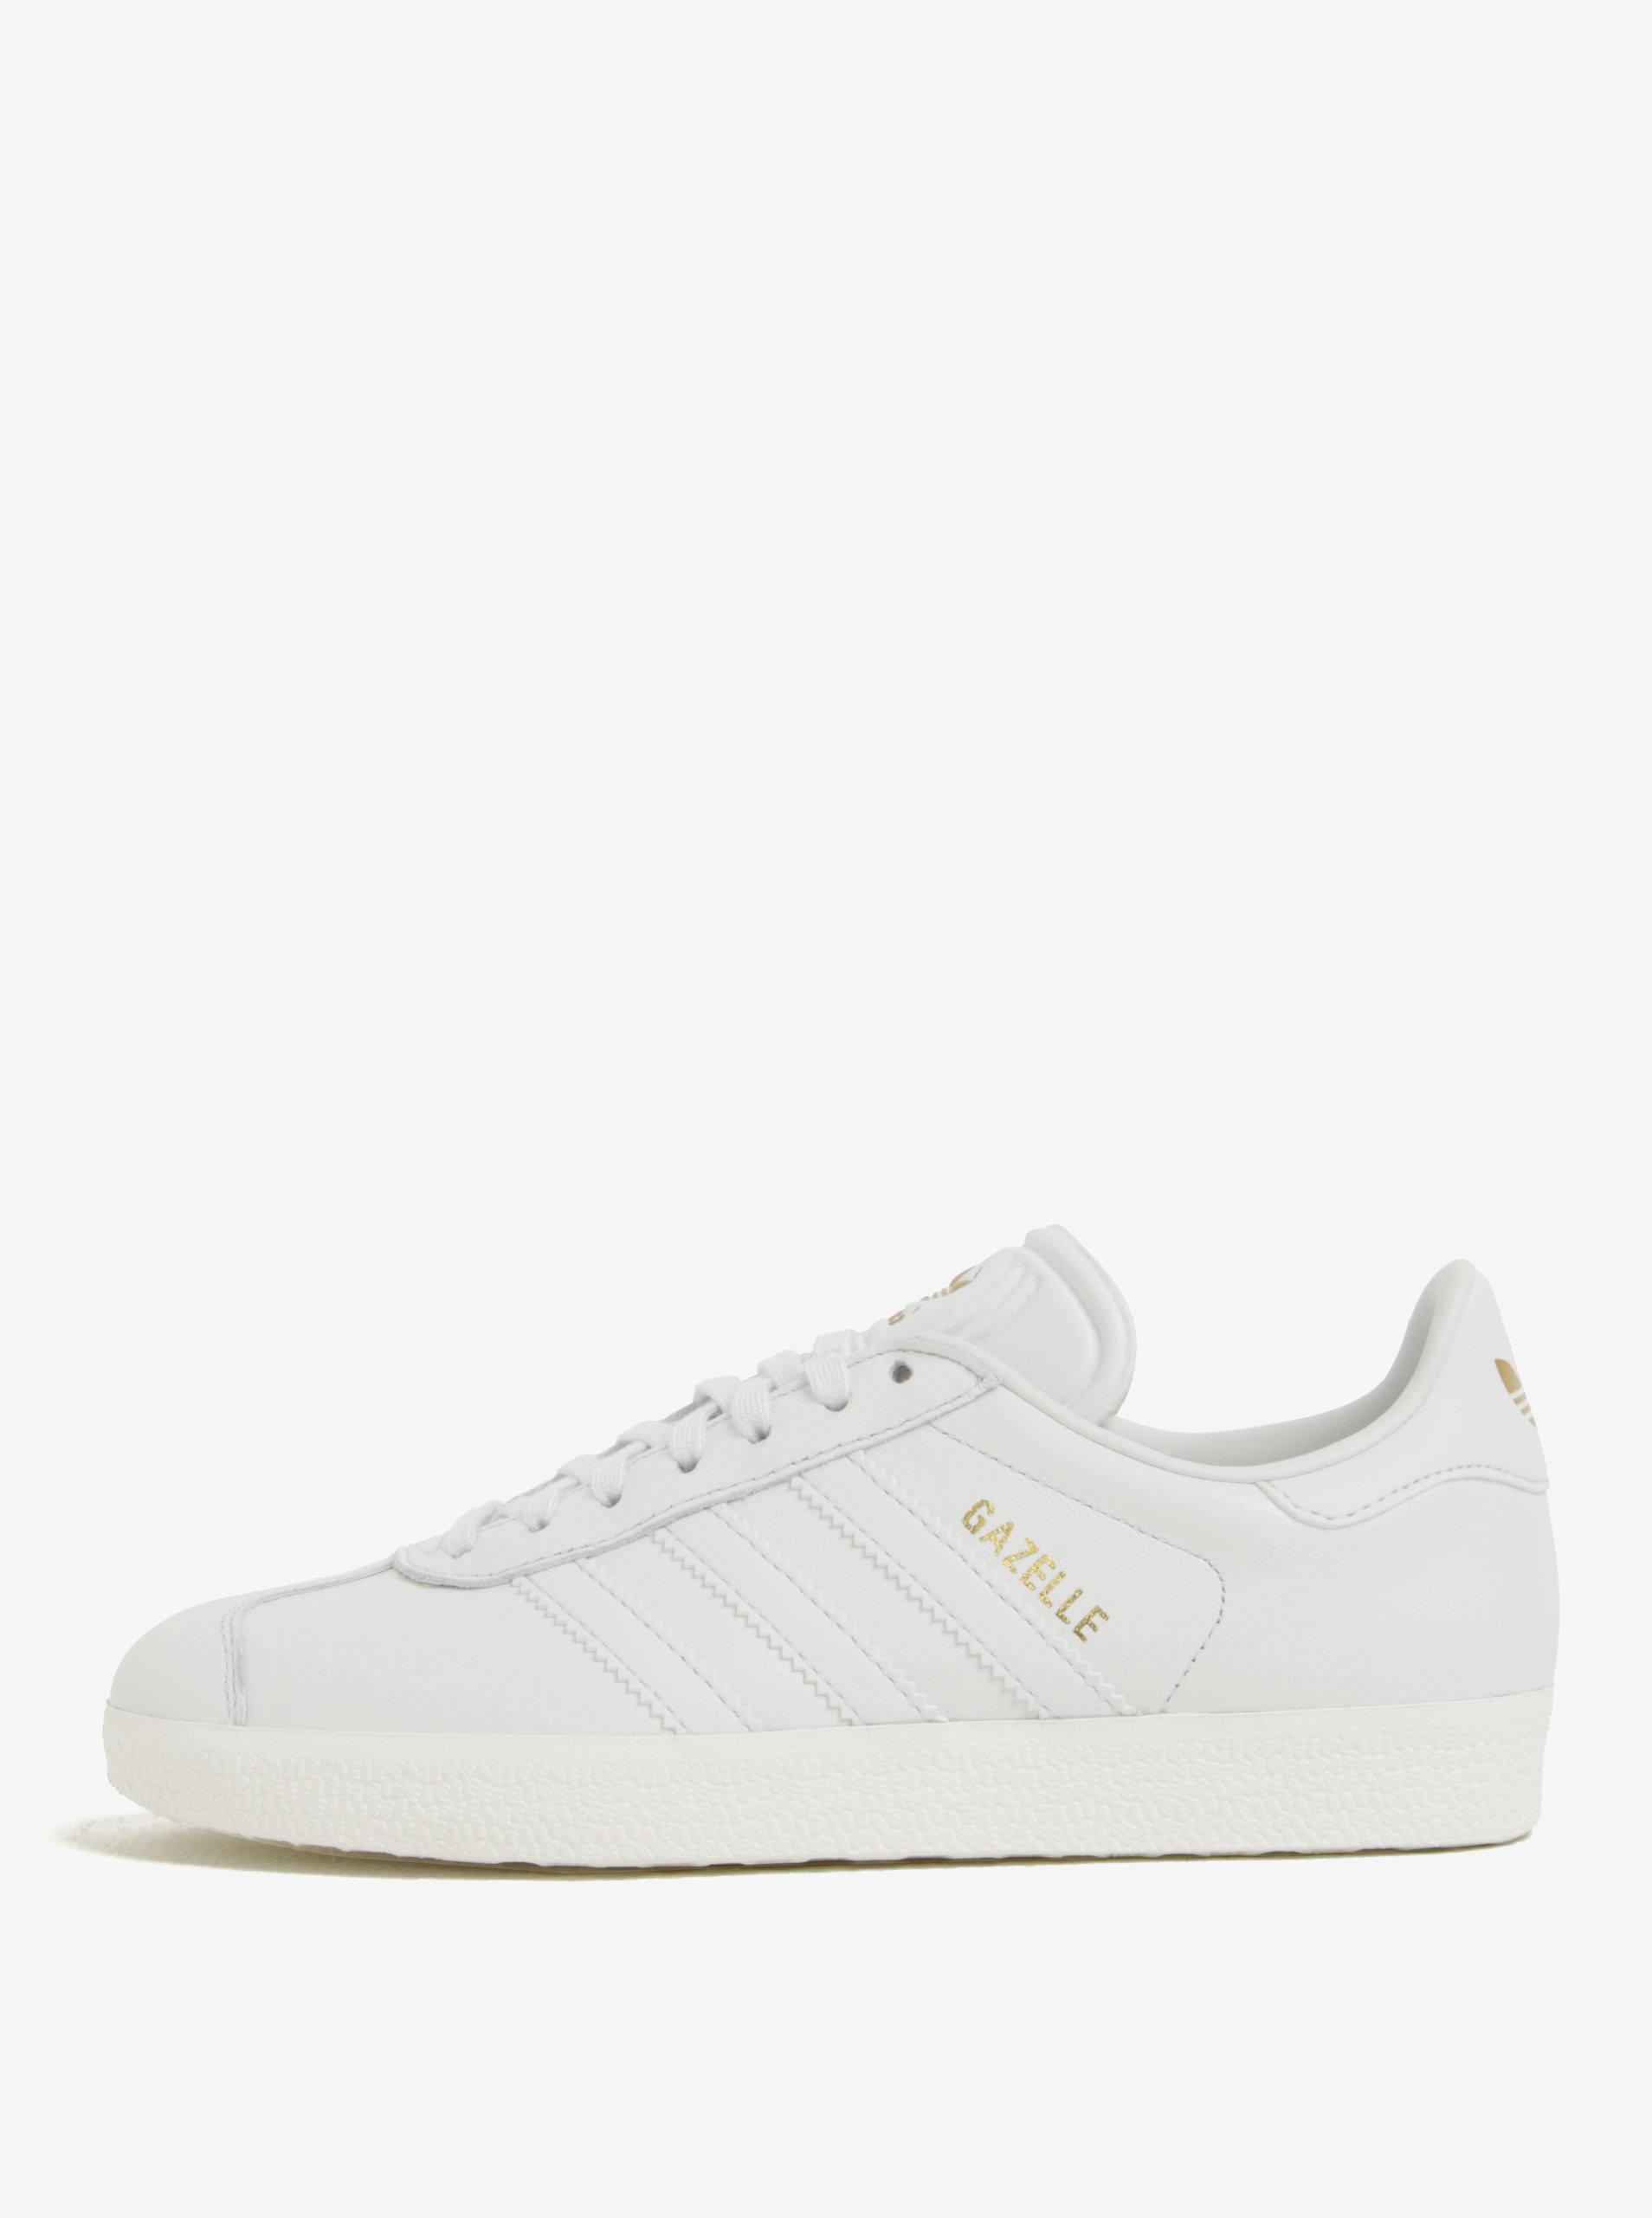 Biele dámske tenisky adidas Originals Gazelle ... 62a2e8fcc2d